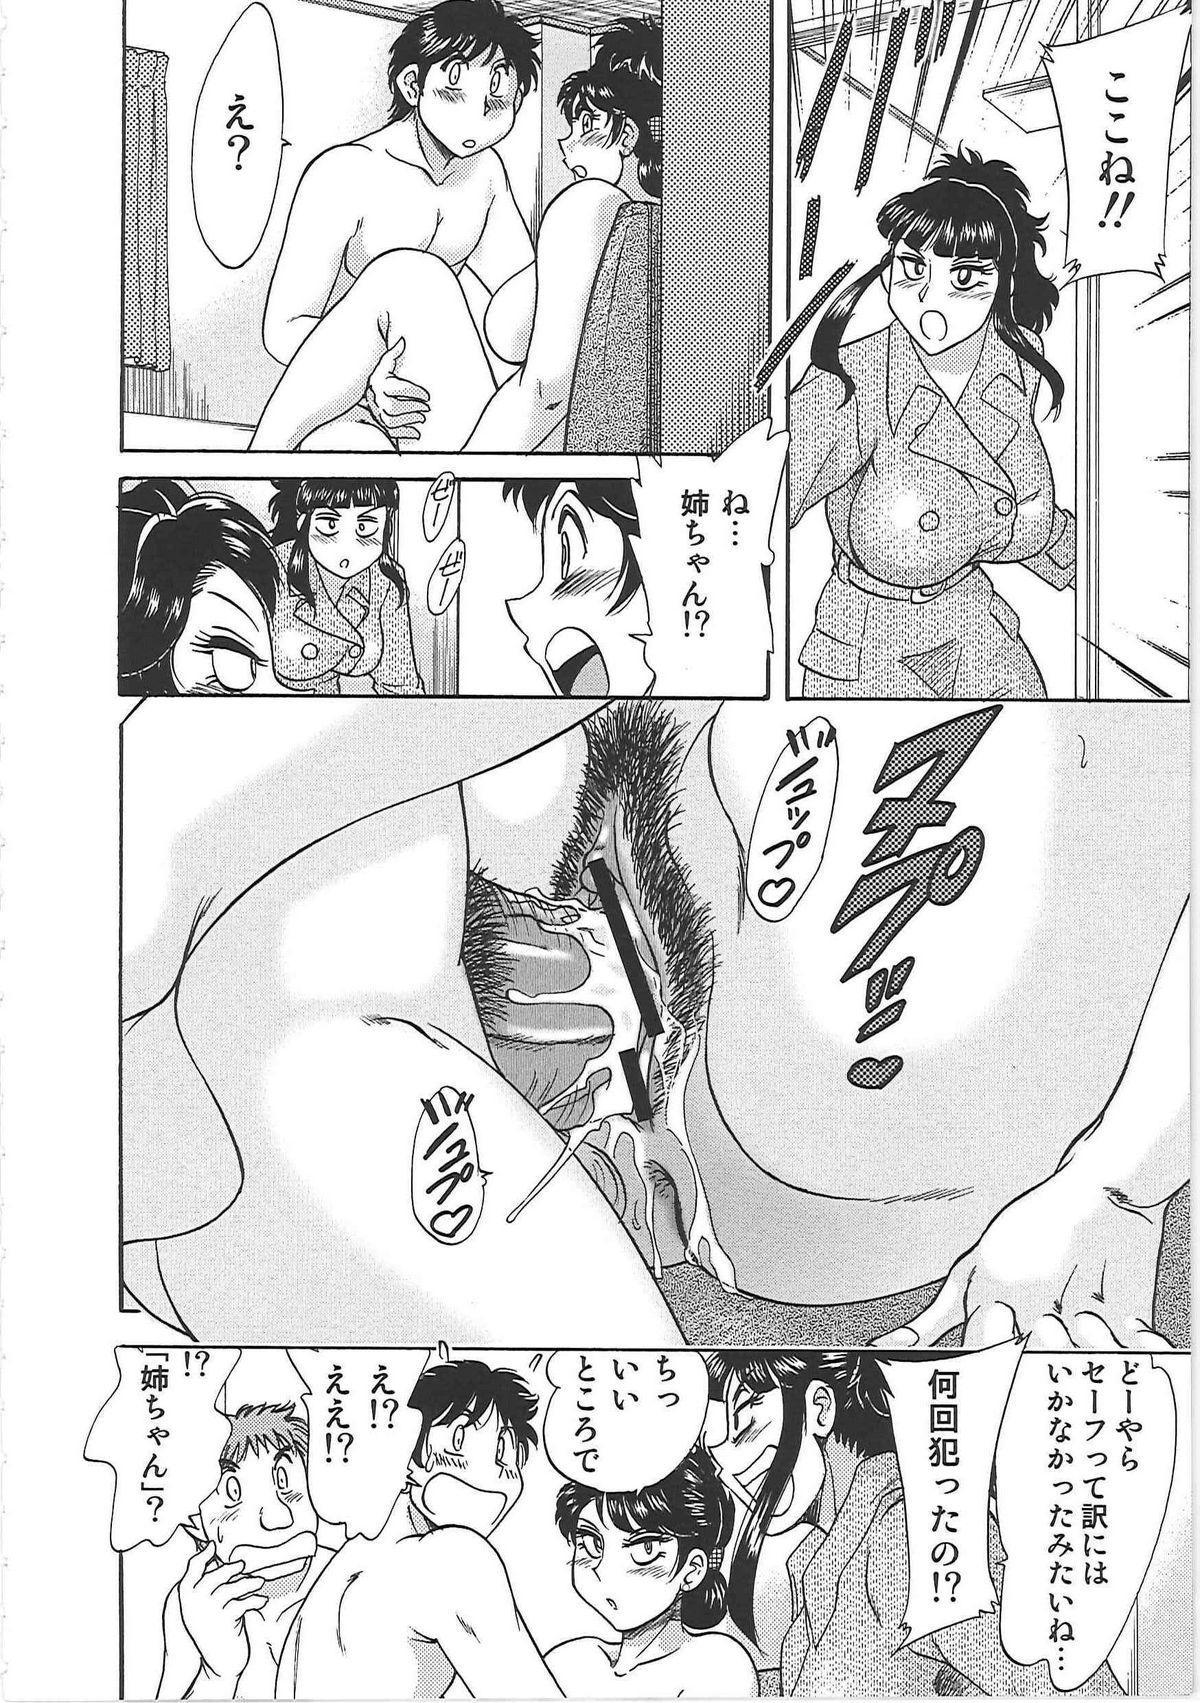 [Chanpon Miyabi] Cho-Onesan Tengoku 6 -Tenrakuhen- 51